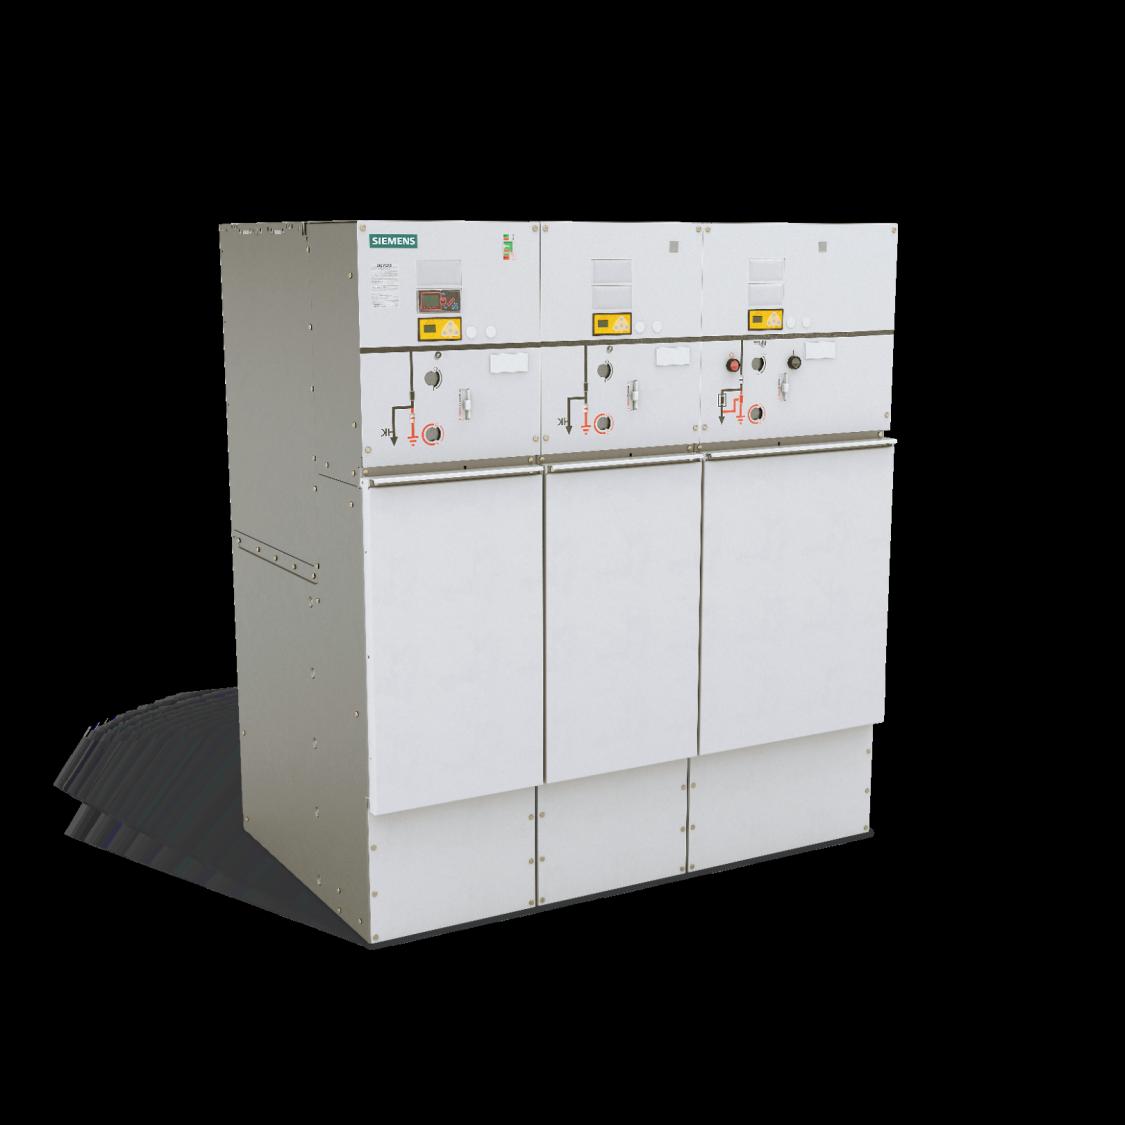 8DJH36 Rozdzielnica średniego napięcia 36 kV w izolacji gazowej